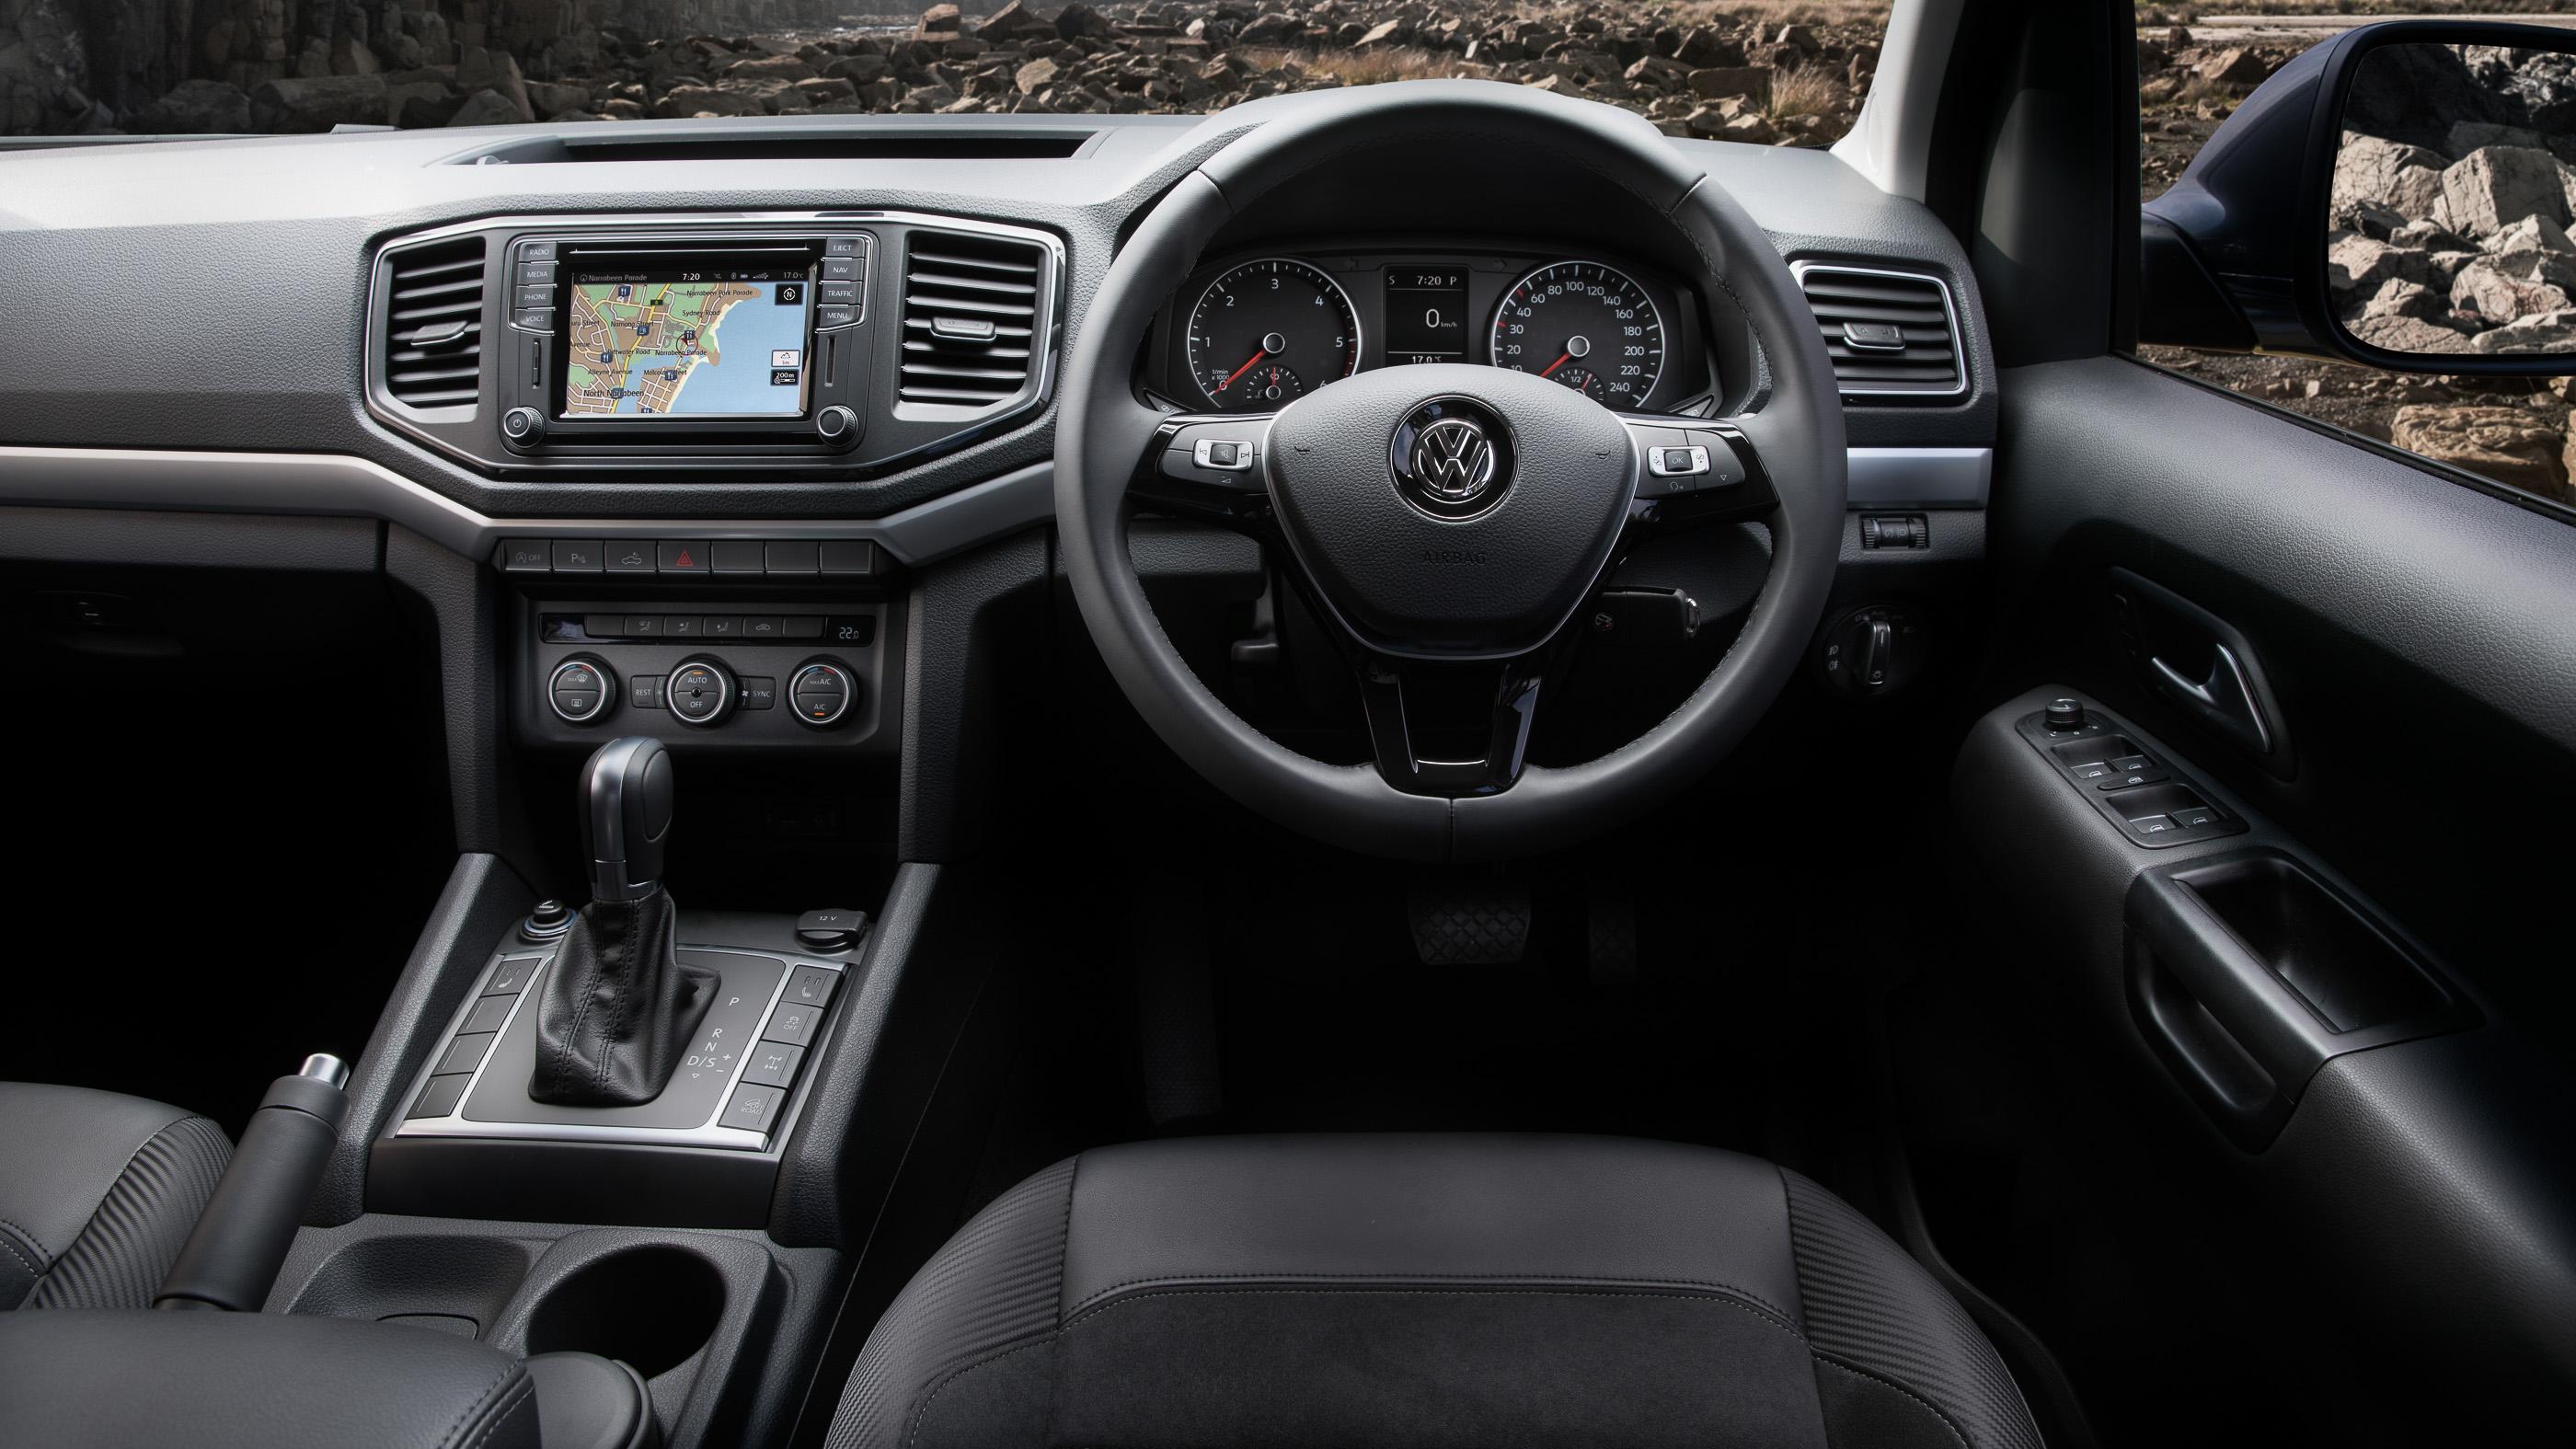 Volkswagen Amarok photo 171721